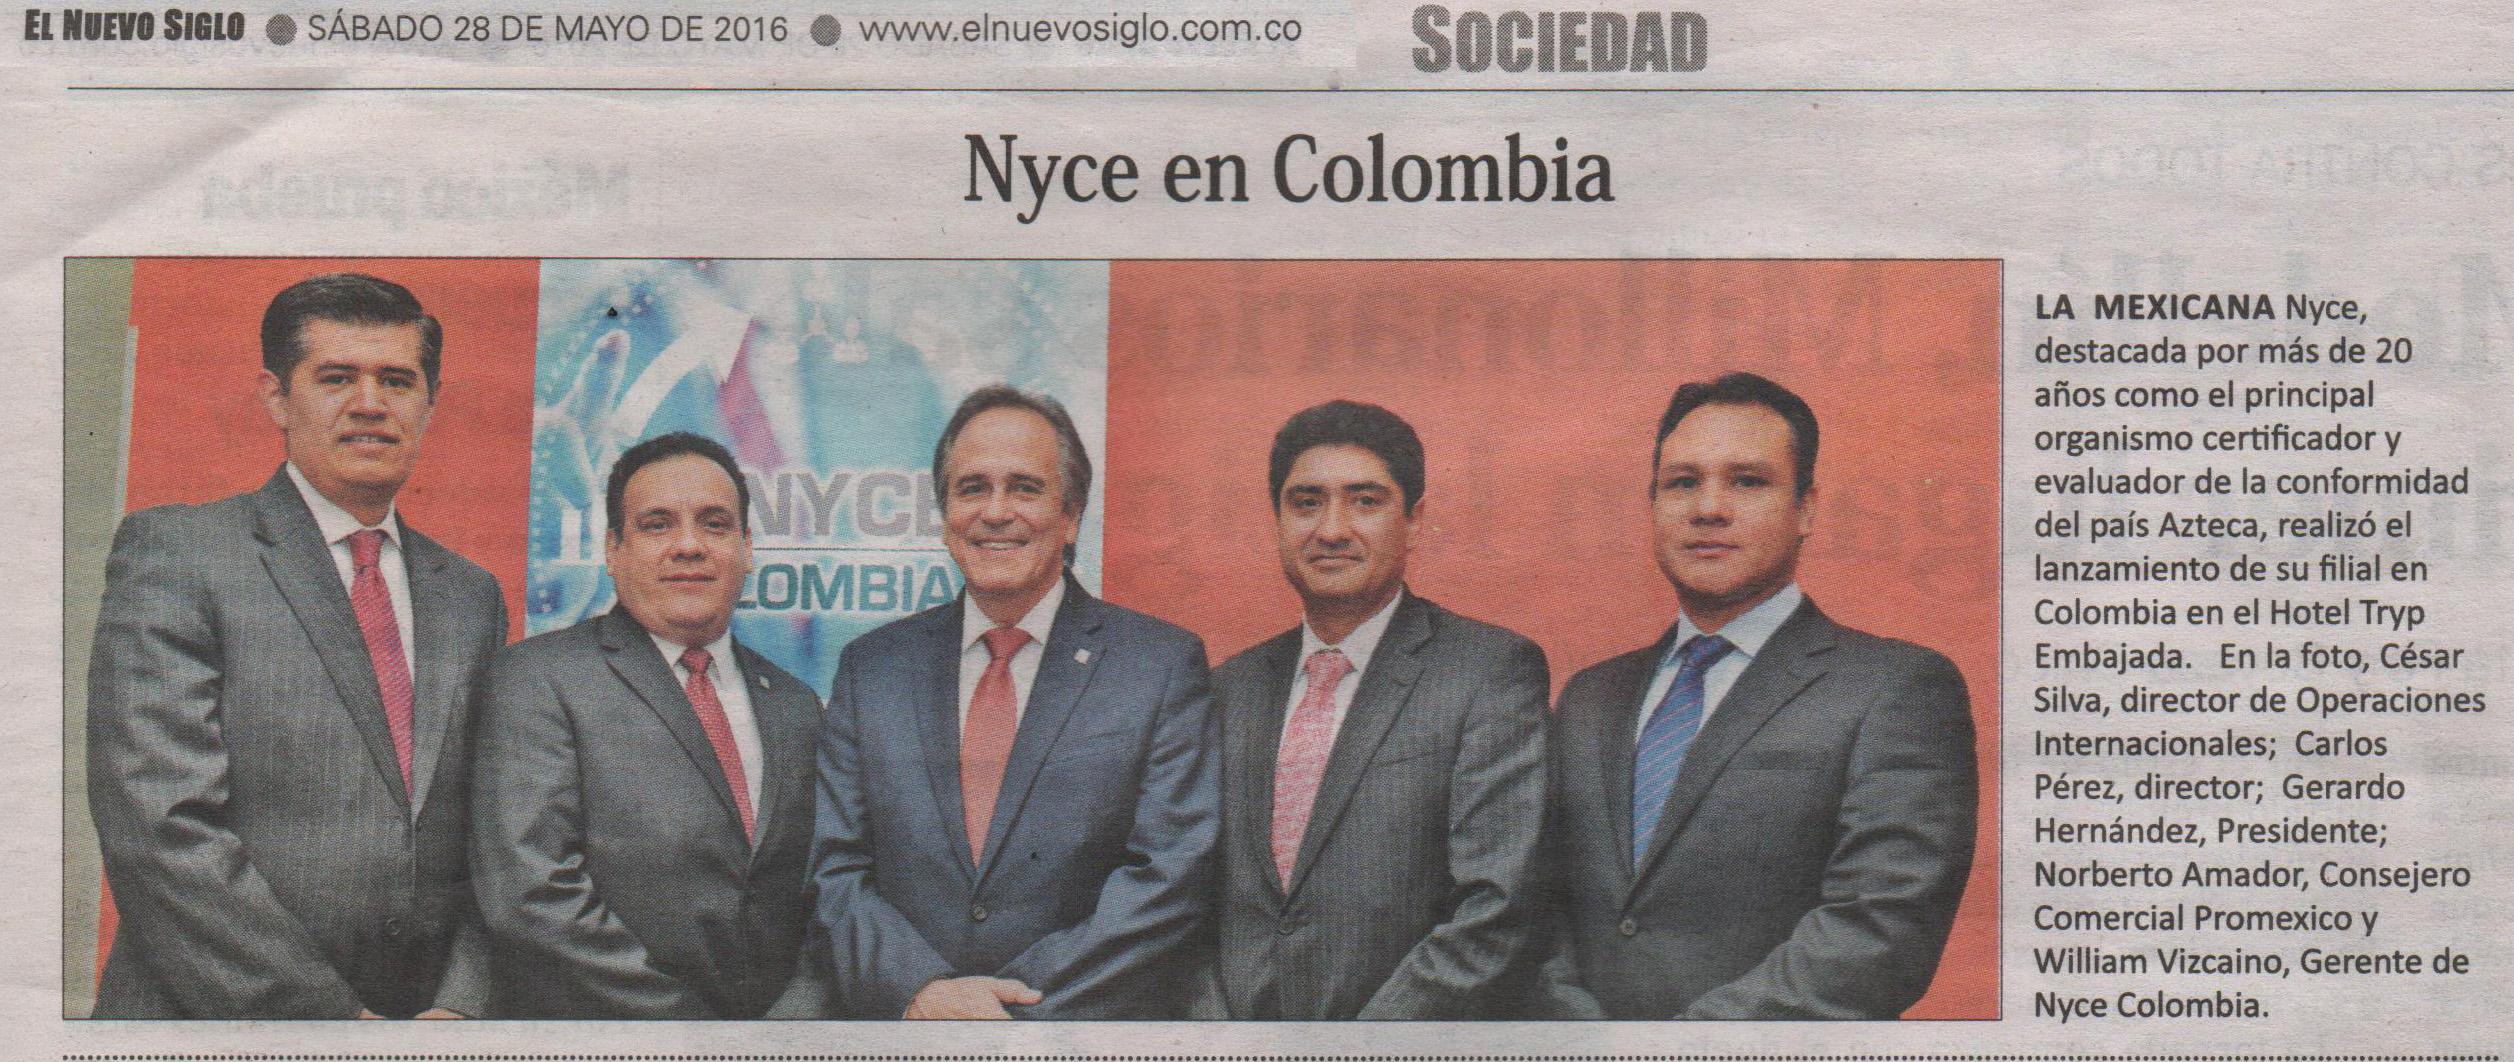 NYCE, El Nuevo Siglo